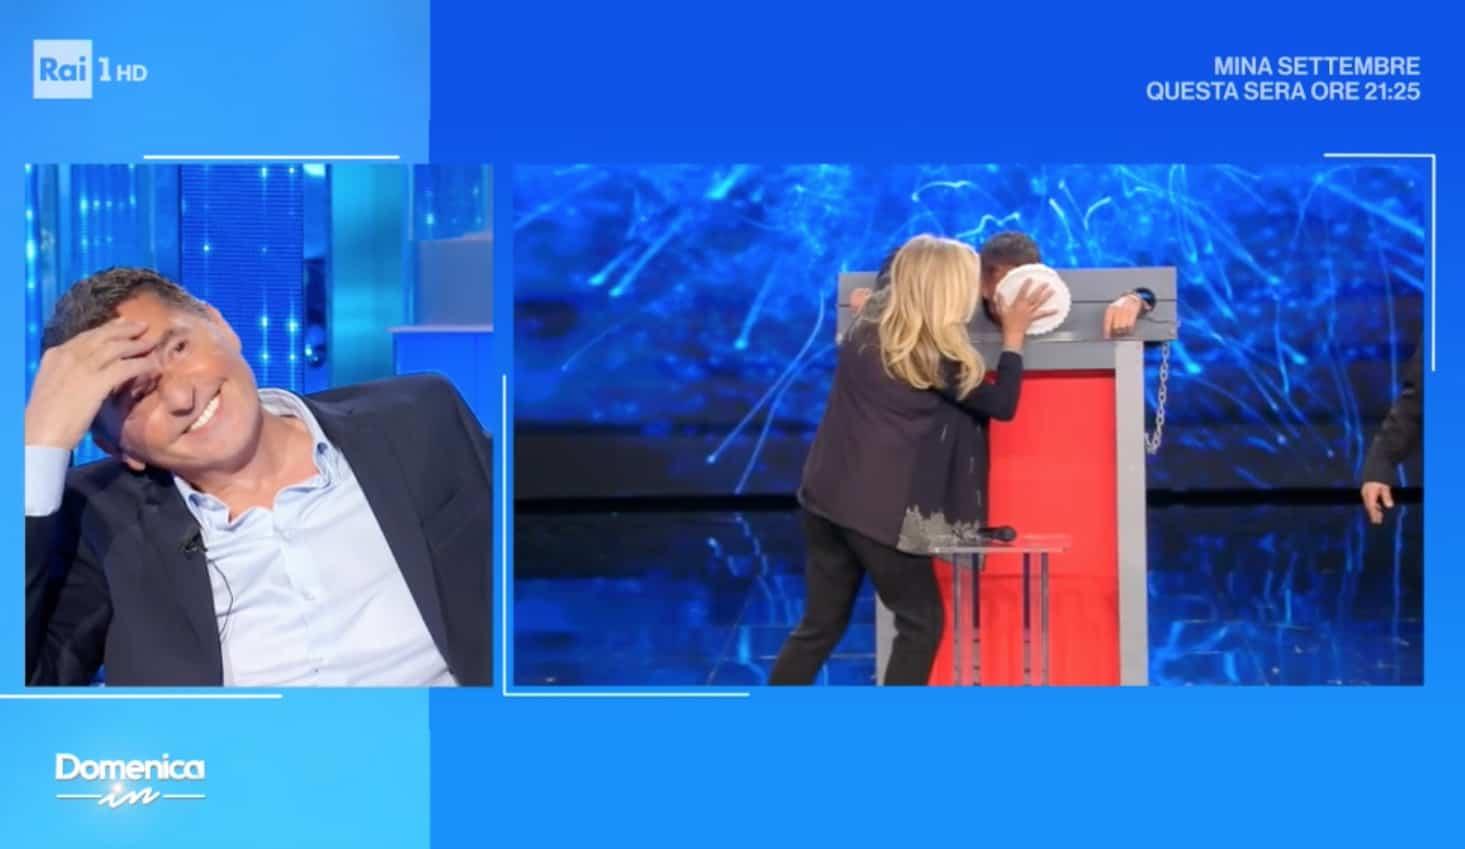 Lo scherzo di Teo Mammucari a Tony Renis finisce nel modo più triste (Foto)